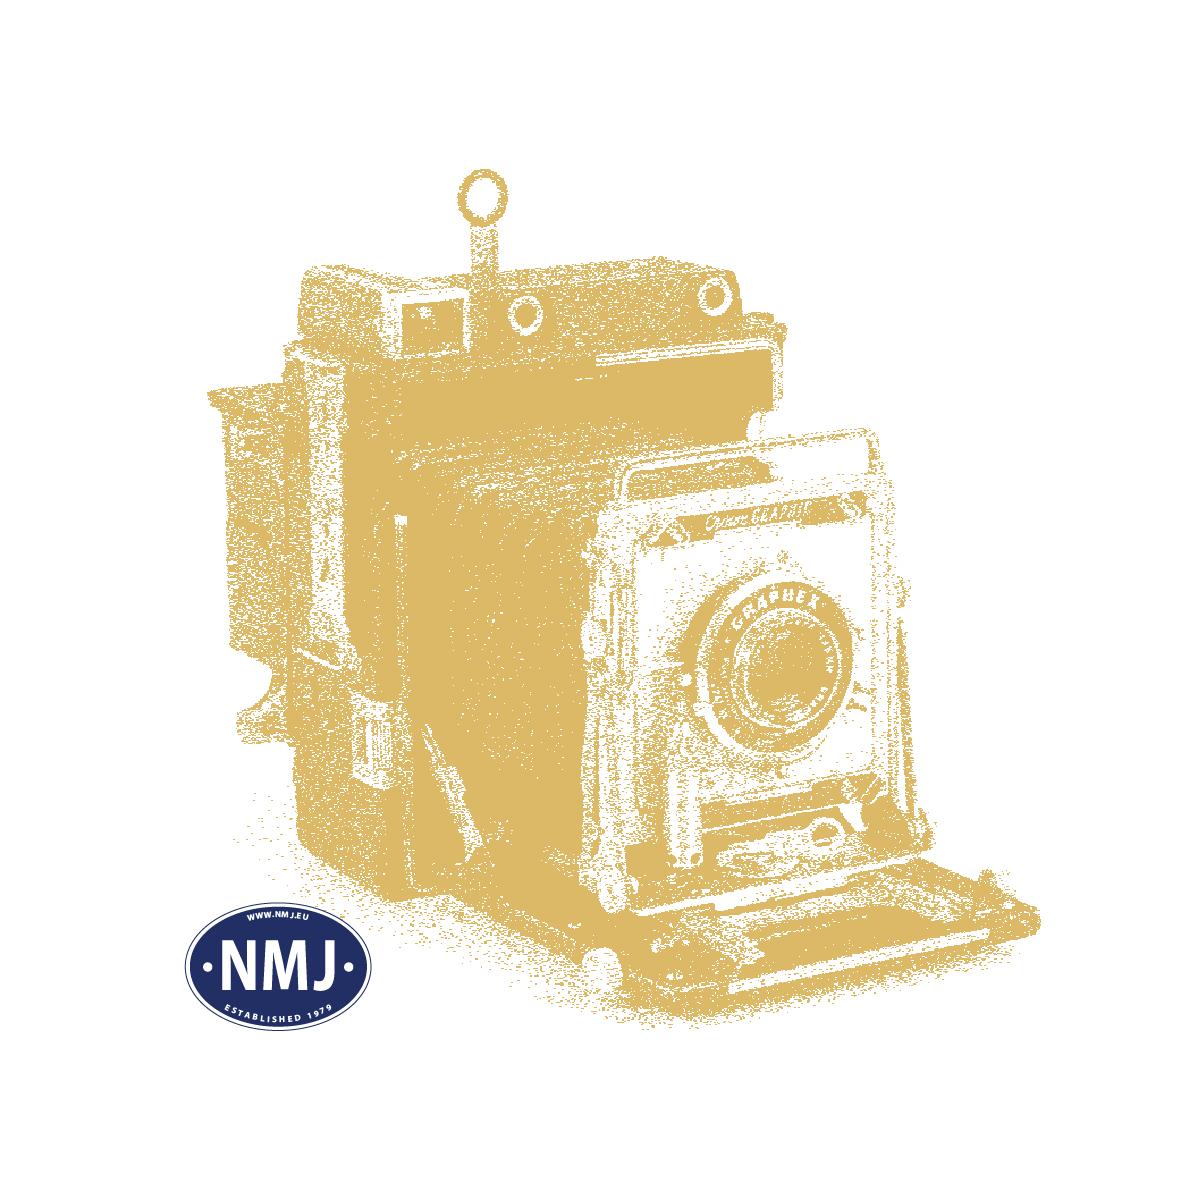 NMJSE2.904 - NMJ Superline Modell der SJ Schlepptenderlok E2.904